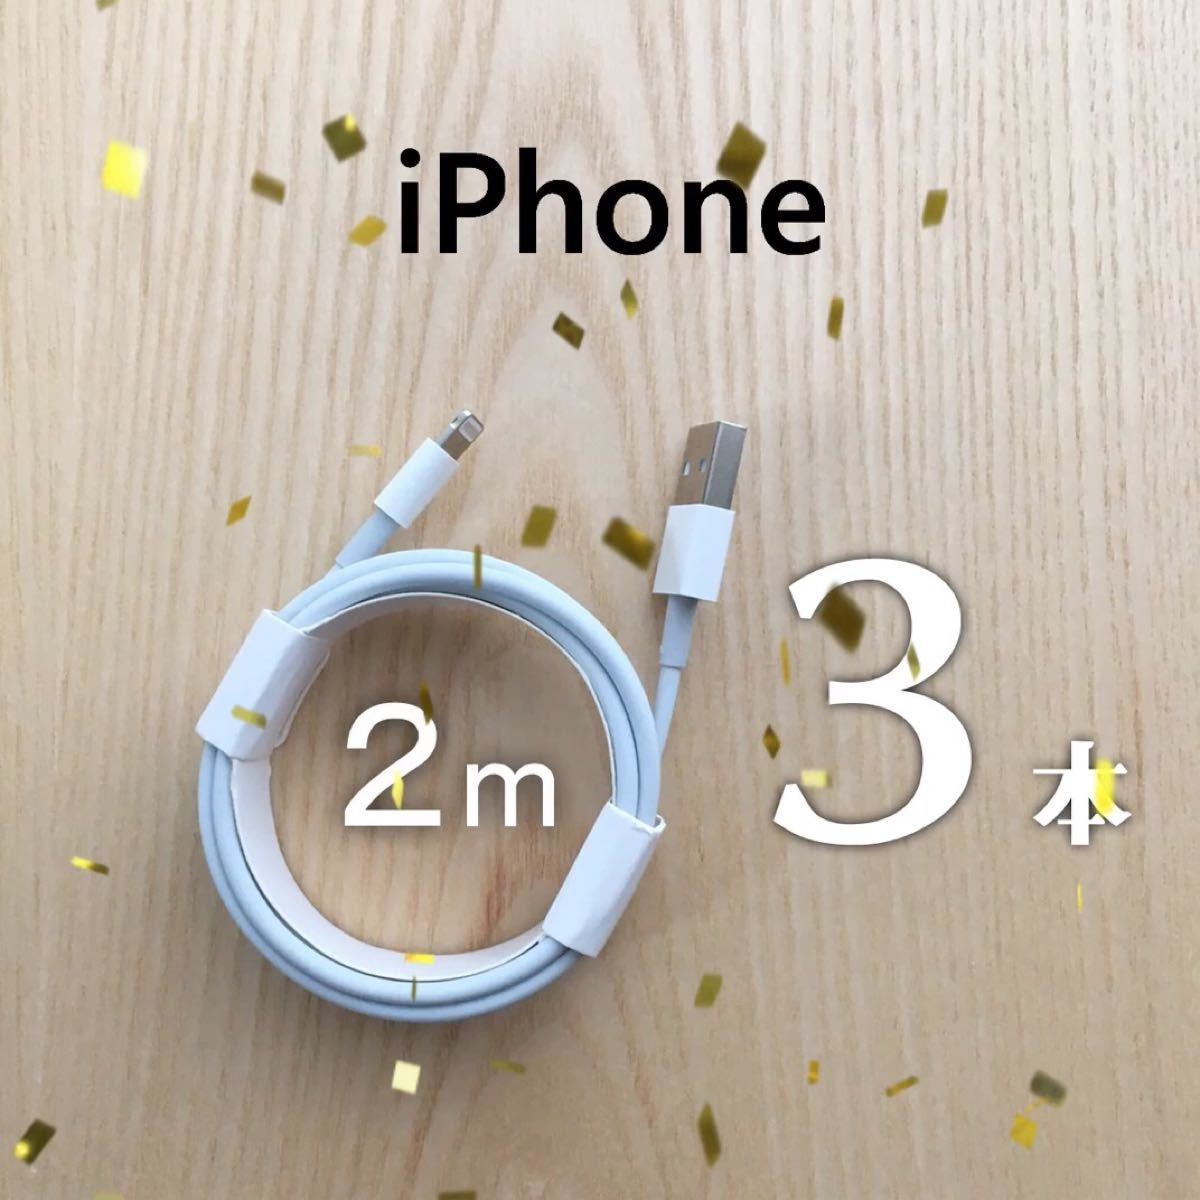 iPhone 充電器 充電ケーブル コード lightning cable ライトニングケーブル 2m 3本セット